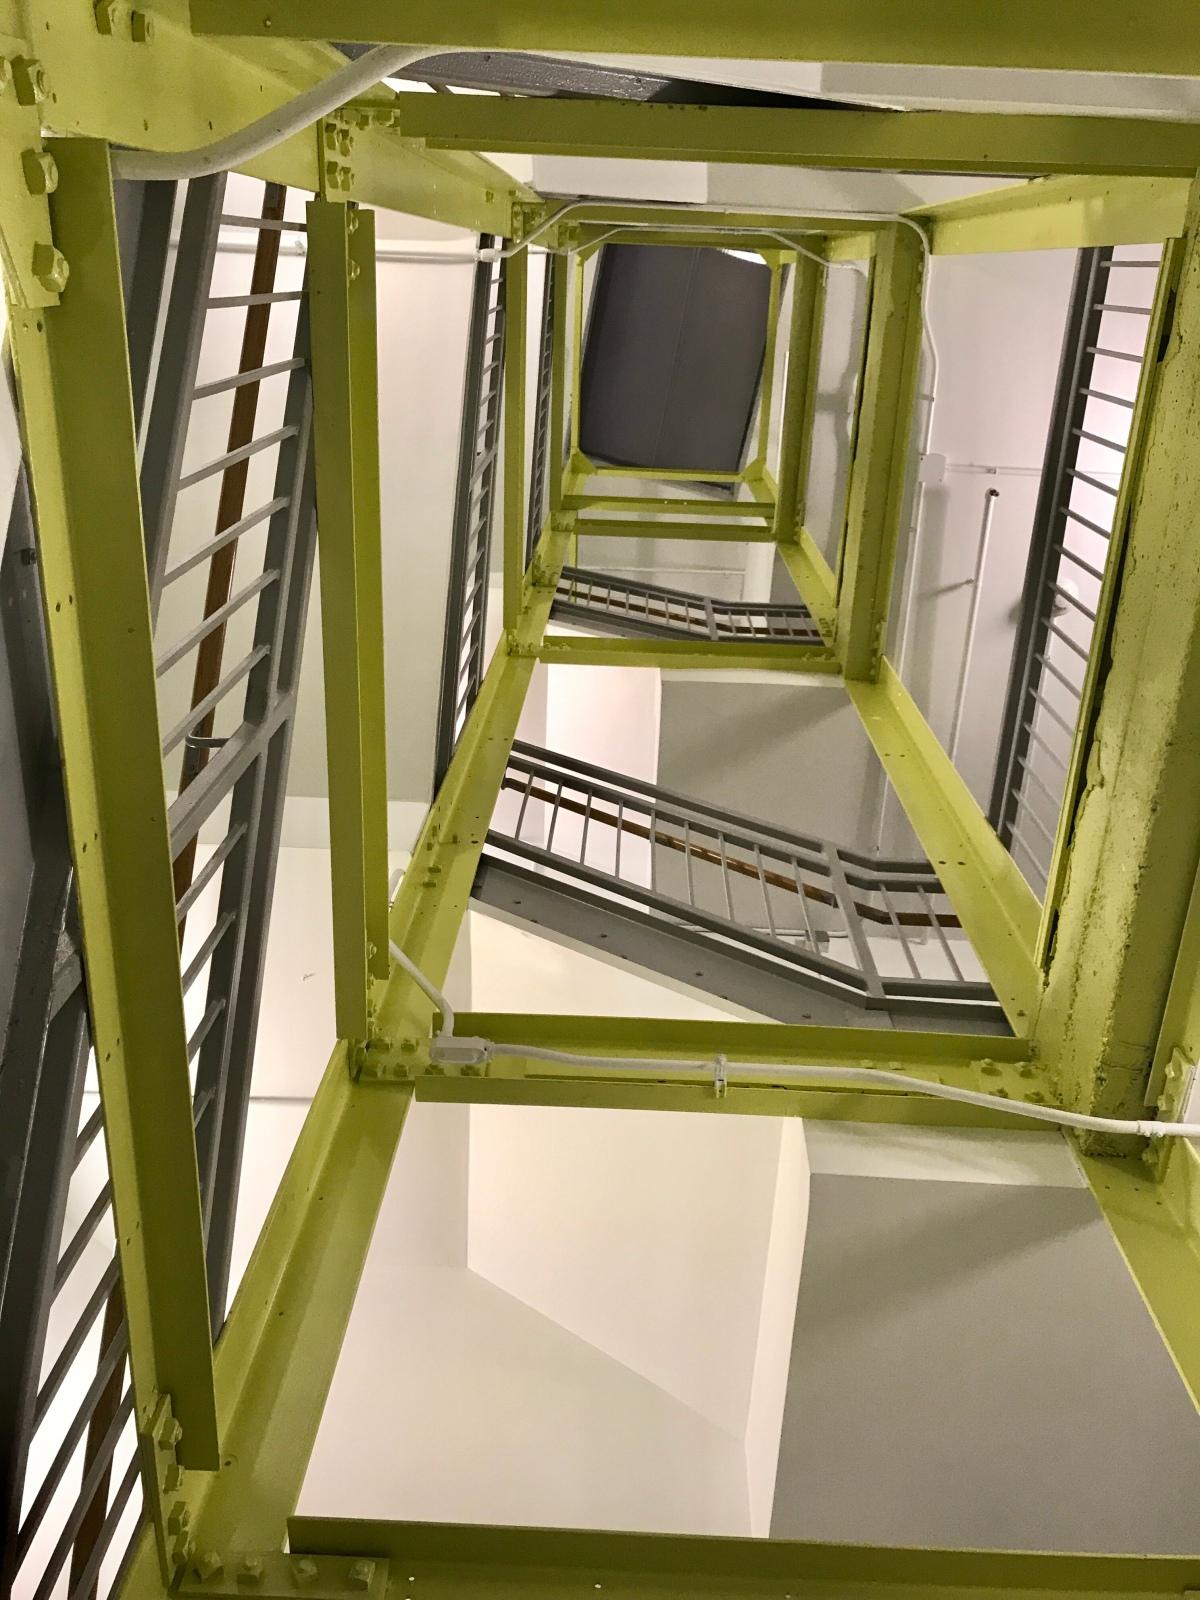 risd staircase